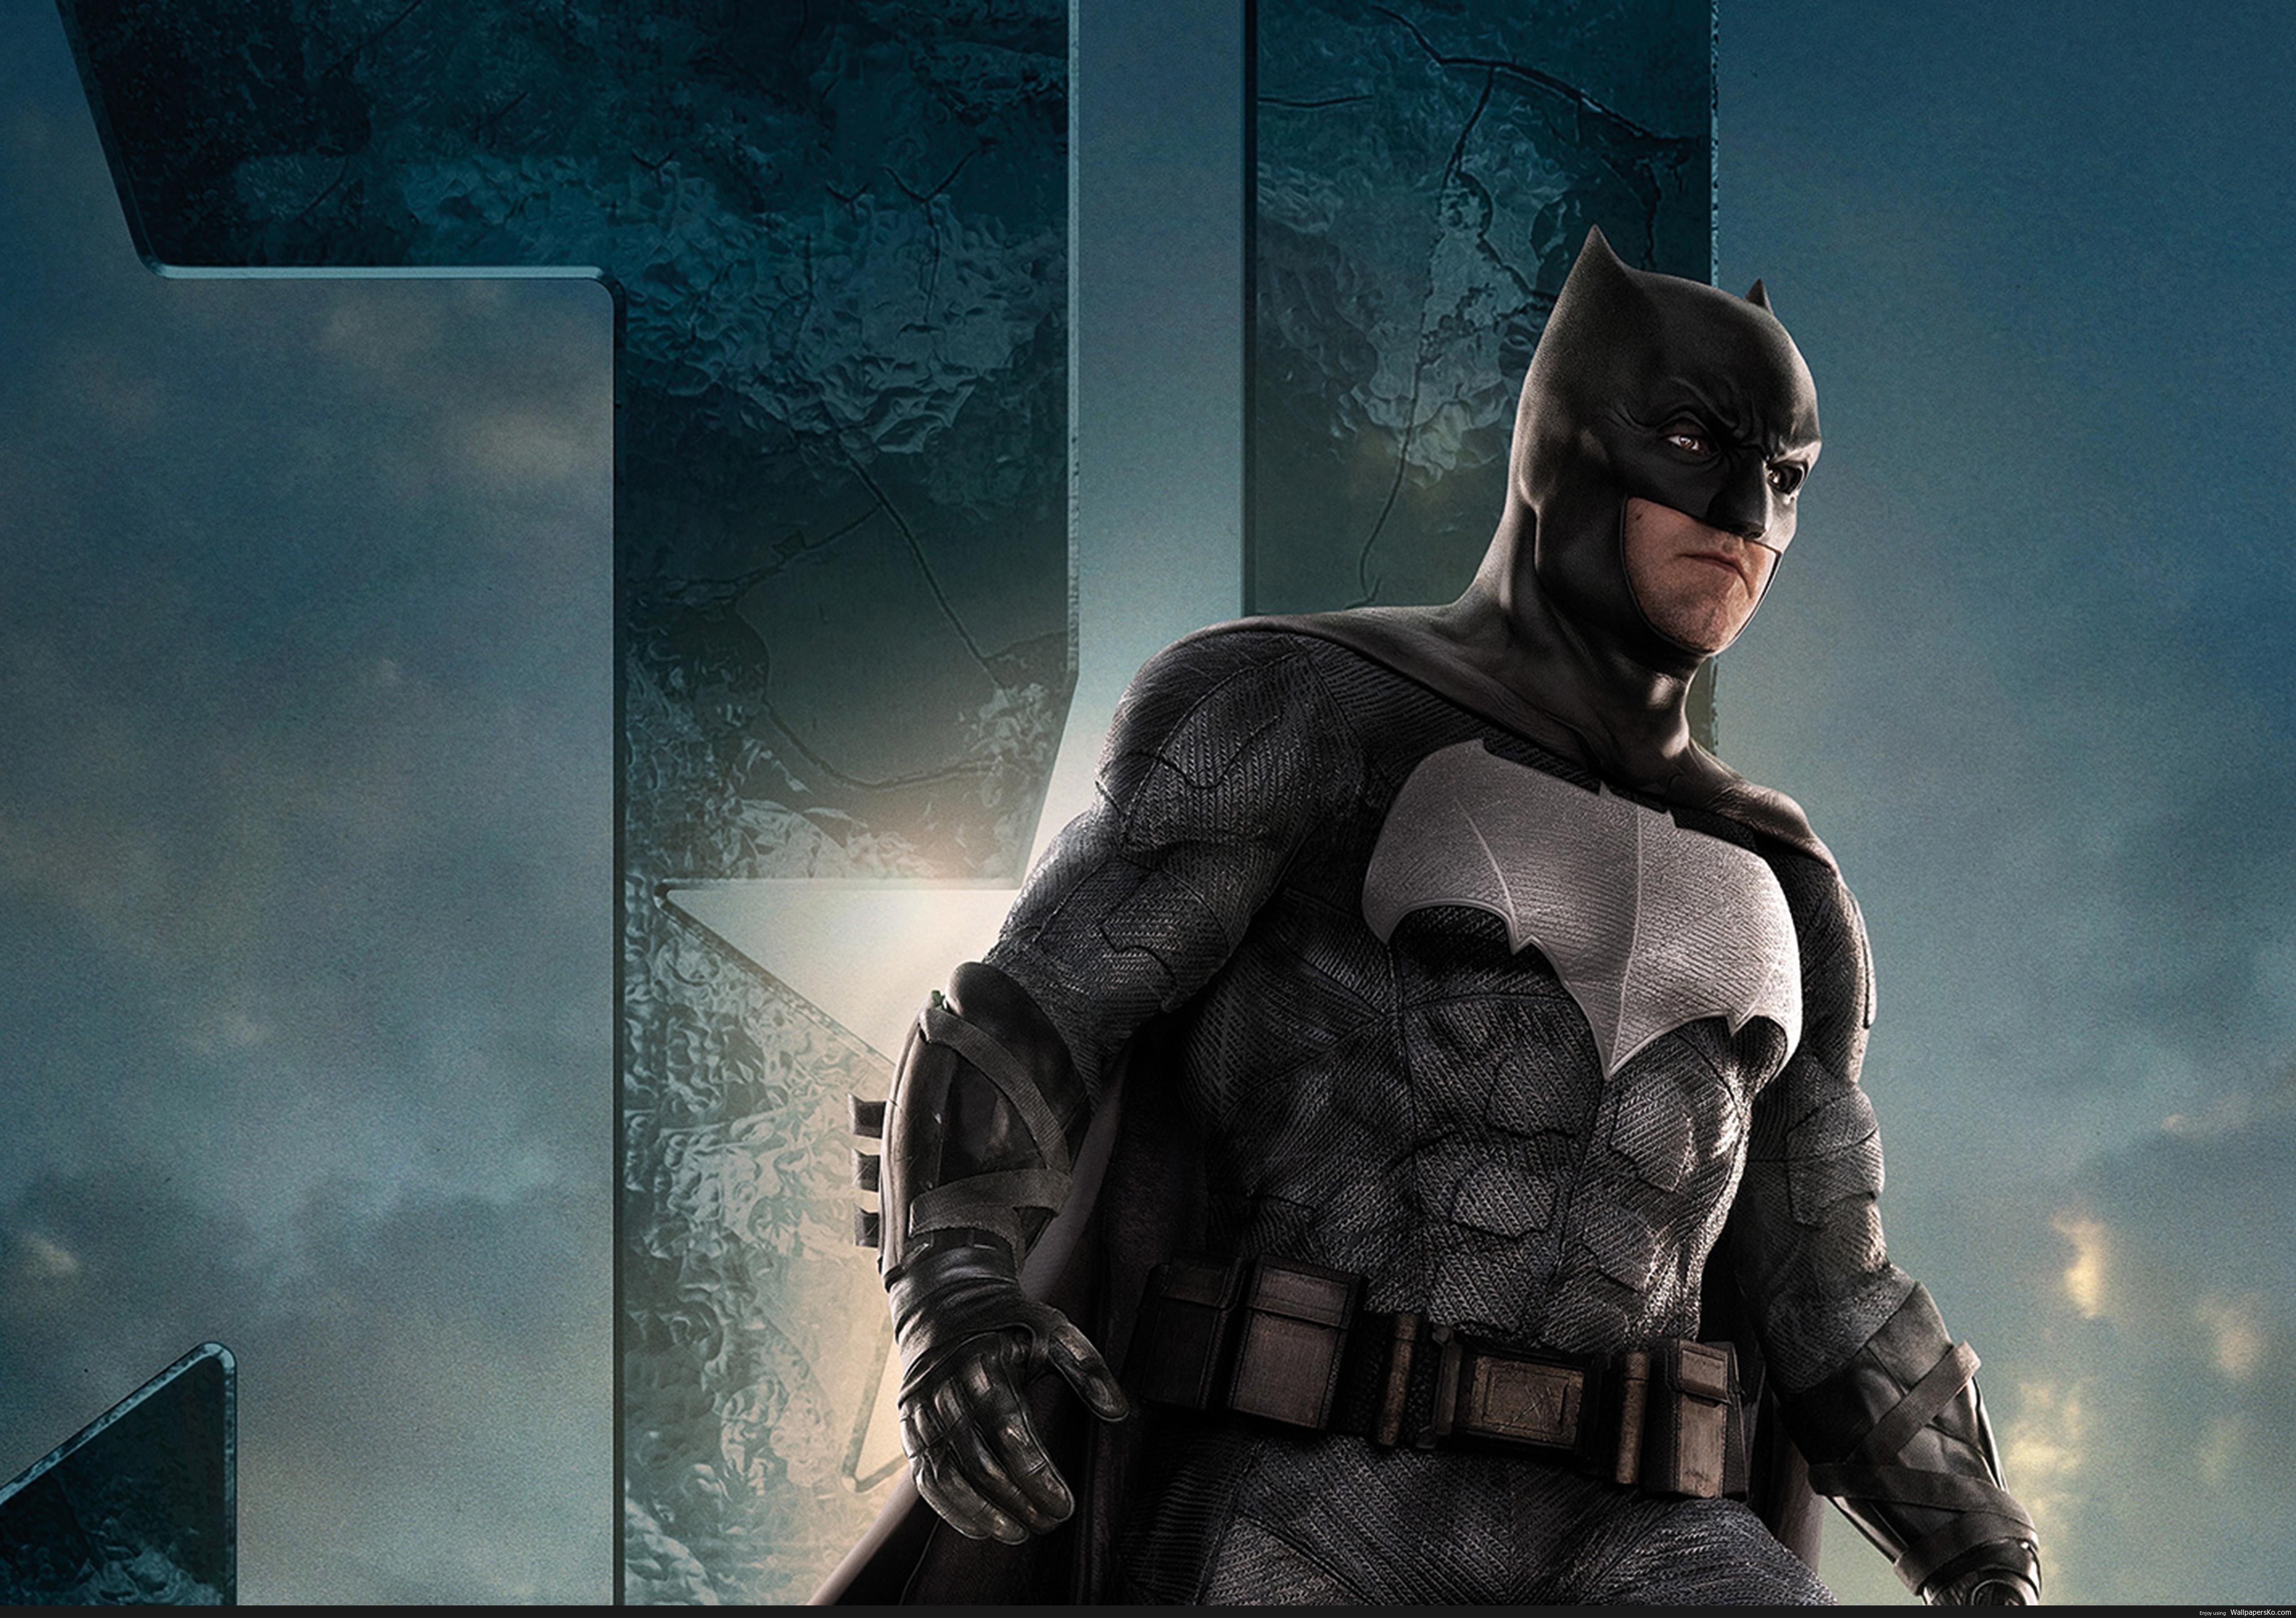 Justice League Batman Wallpaper